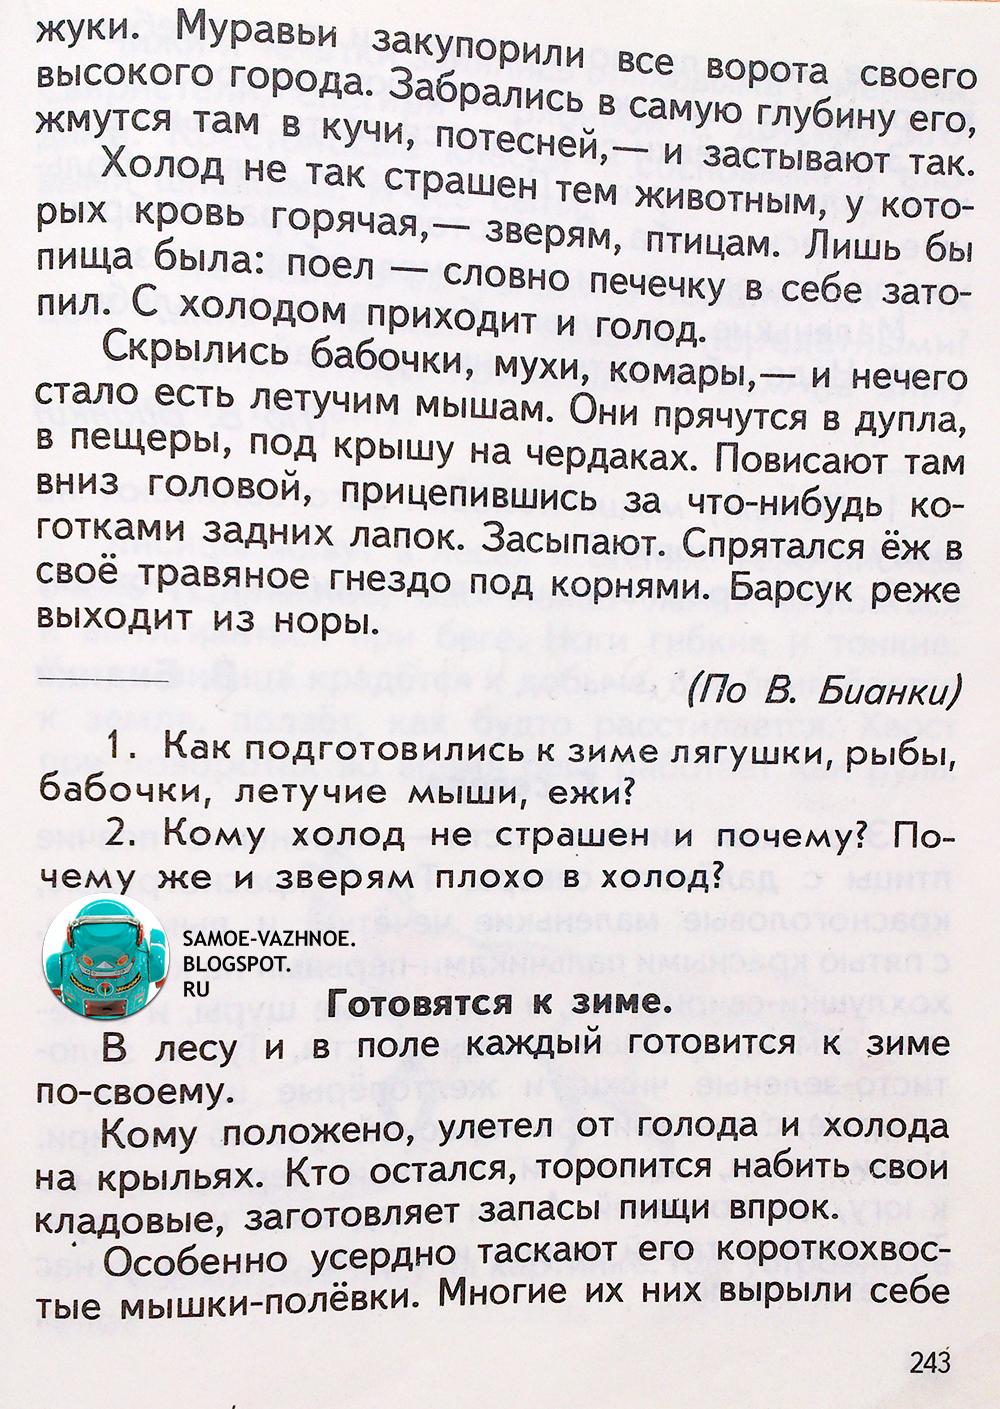 Школьный учебник СССР скан читать онлайн литература чтение родная речь русская речь